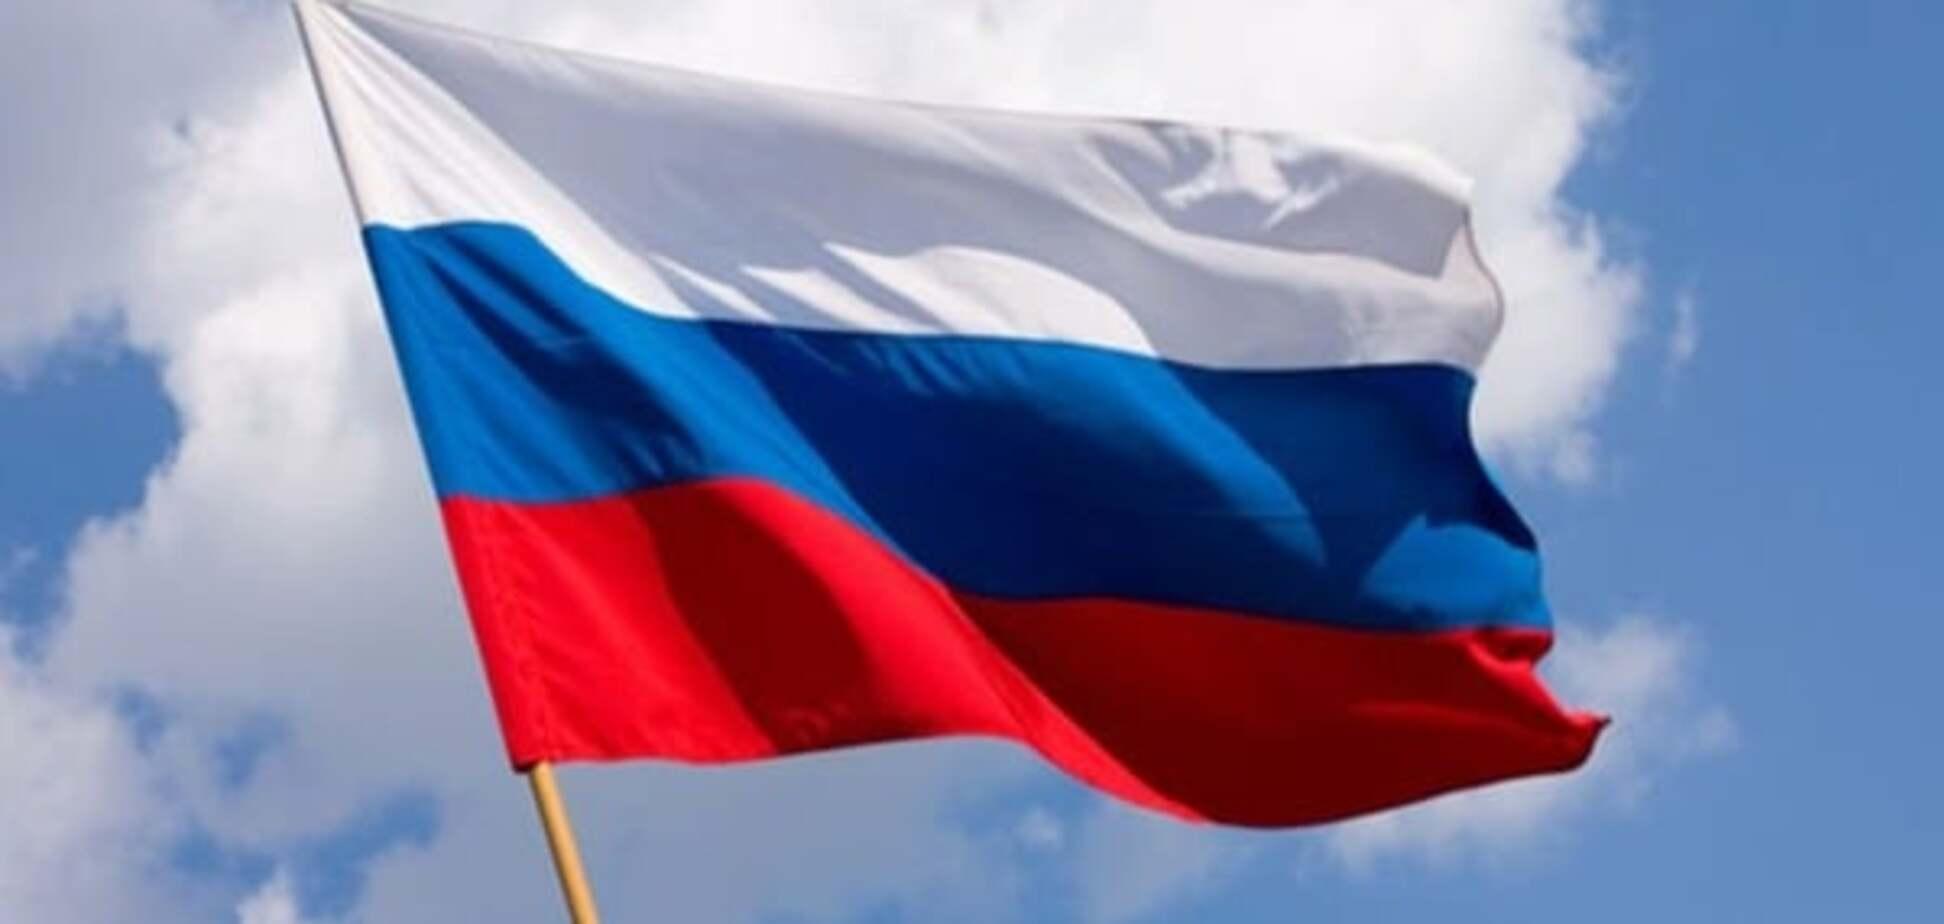 Невероятно, но факт: Google признал россиян оккупантами